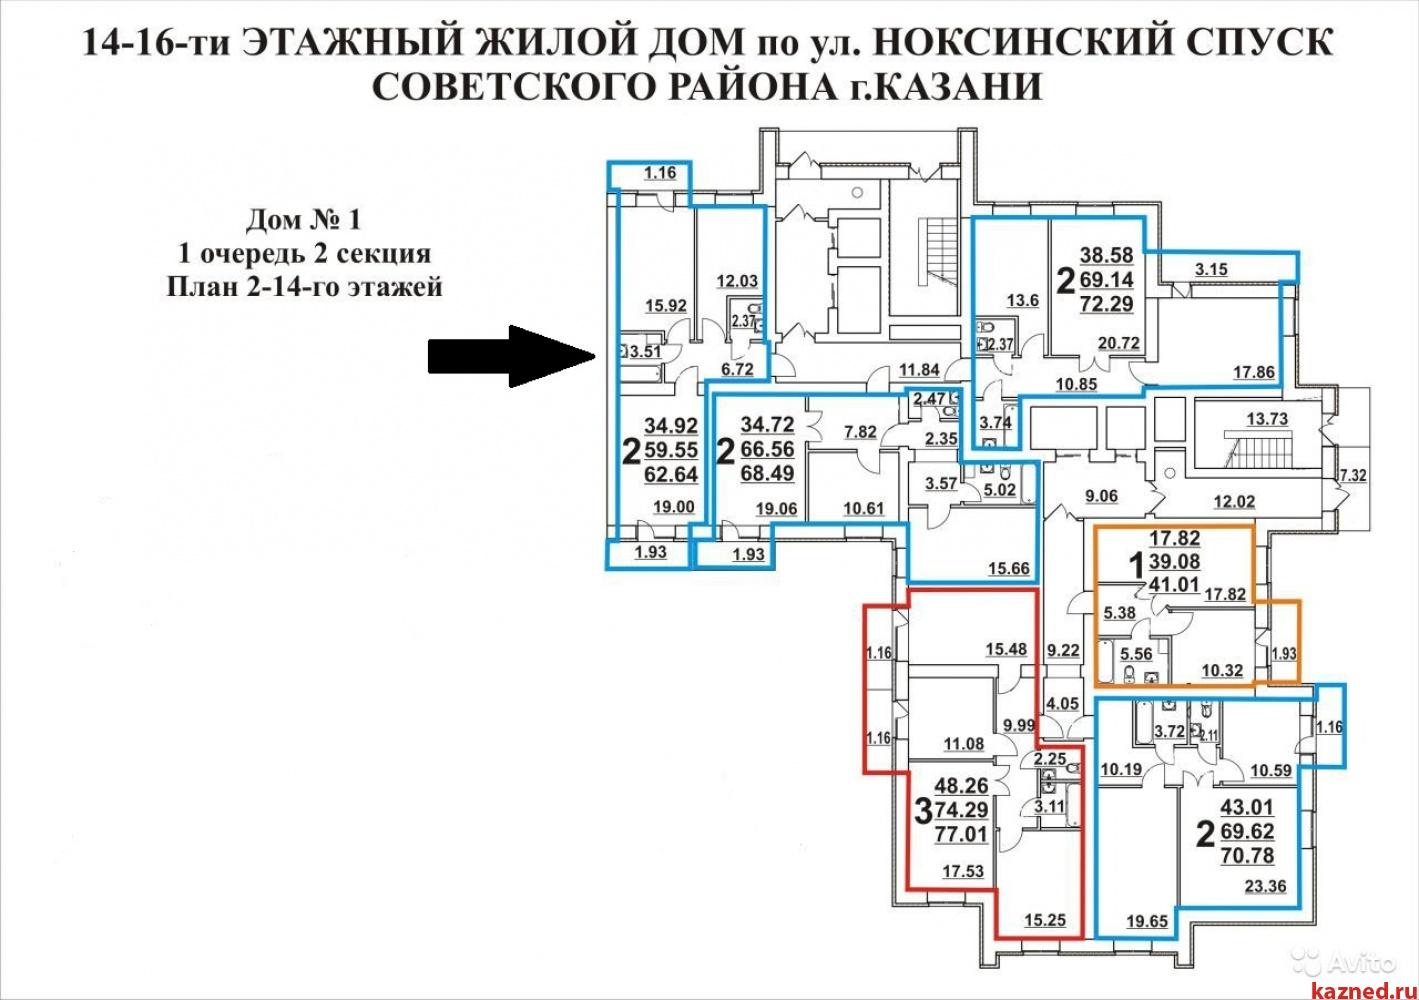 2-квартира, 63 кв.м. ул. Ноксинский спуск (миниатюра №2)